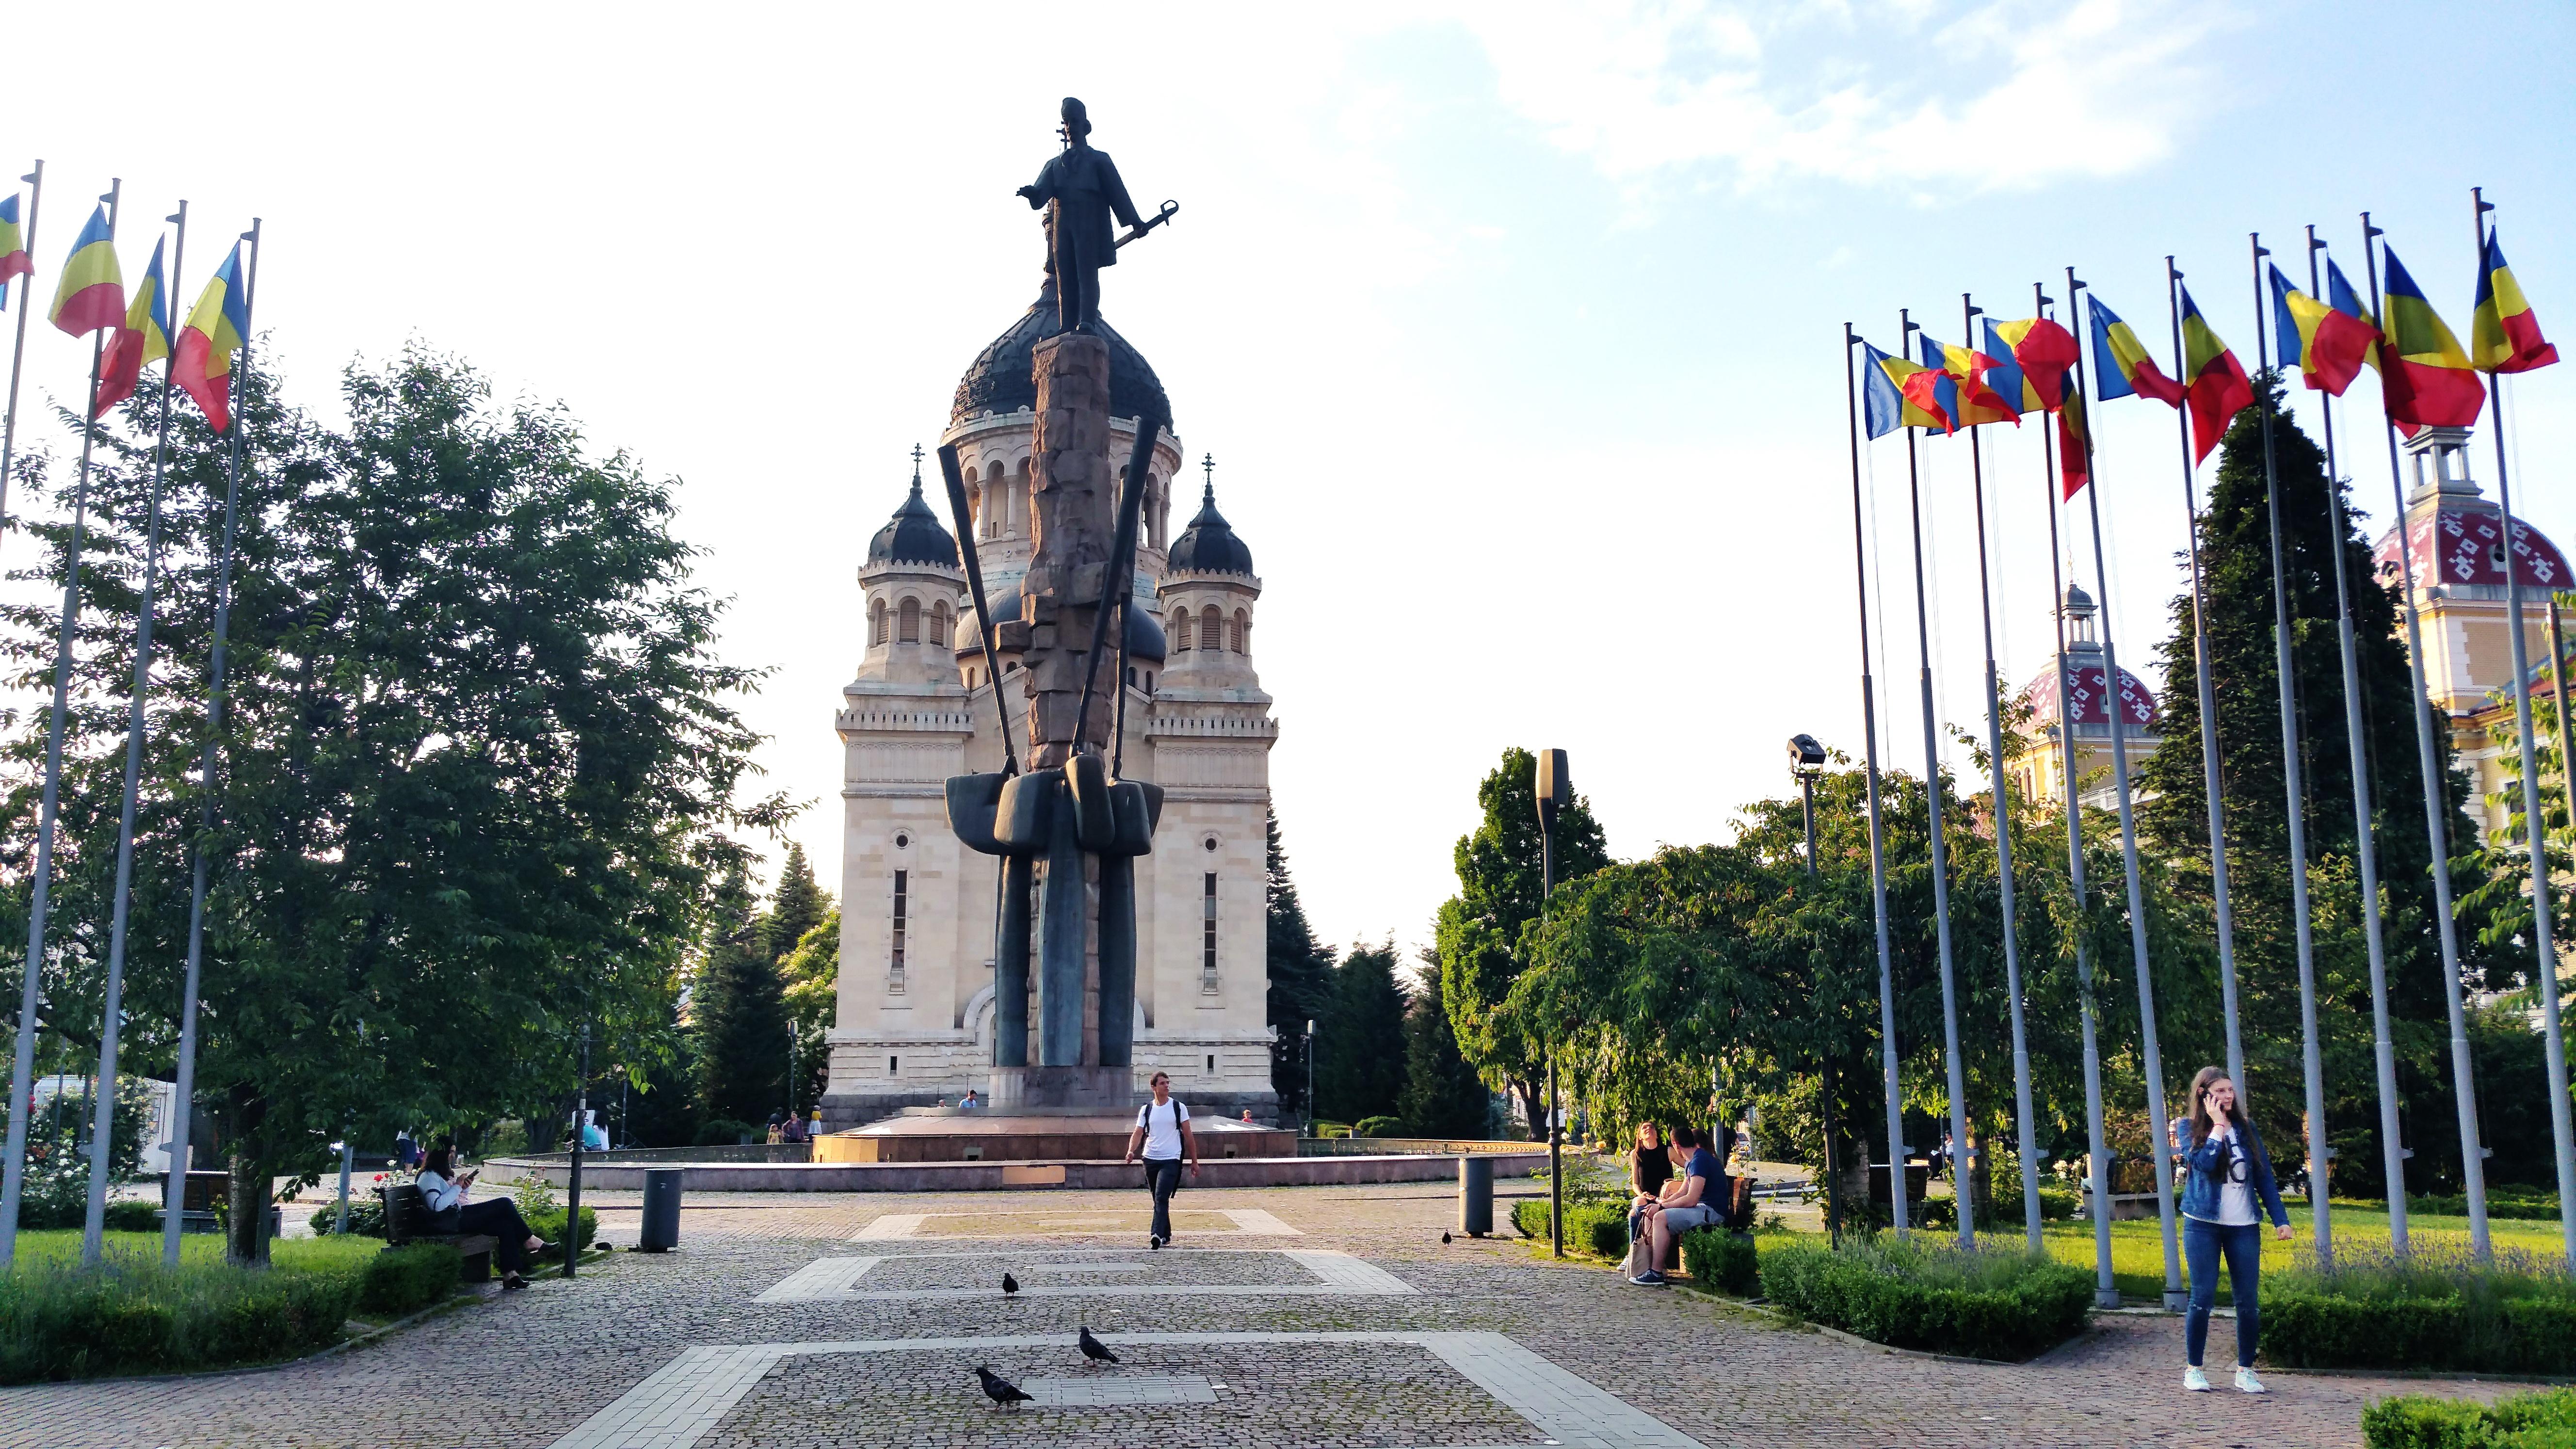 Statuia lui Avram Iancu. În spate, Catedrala Ortodoxă.